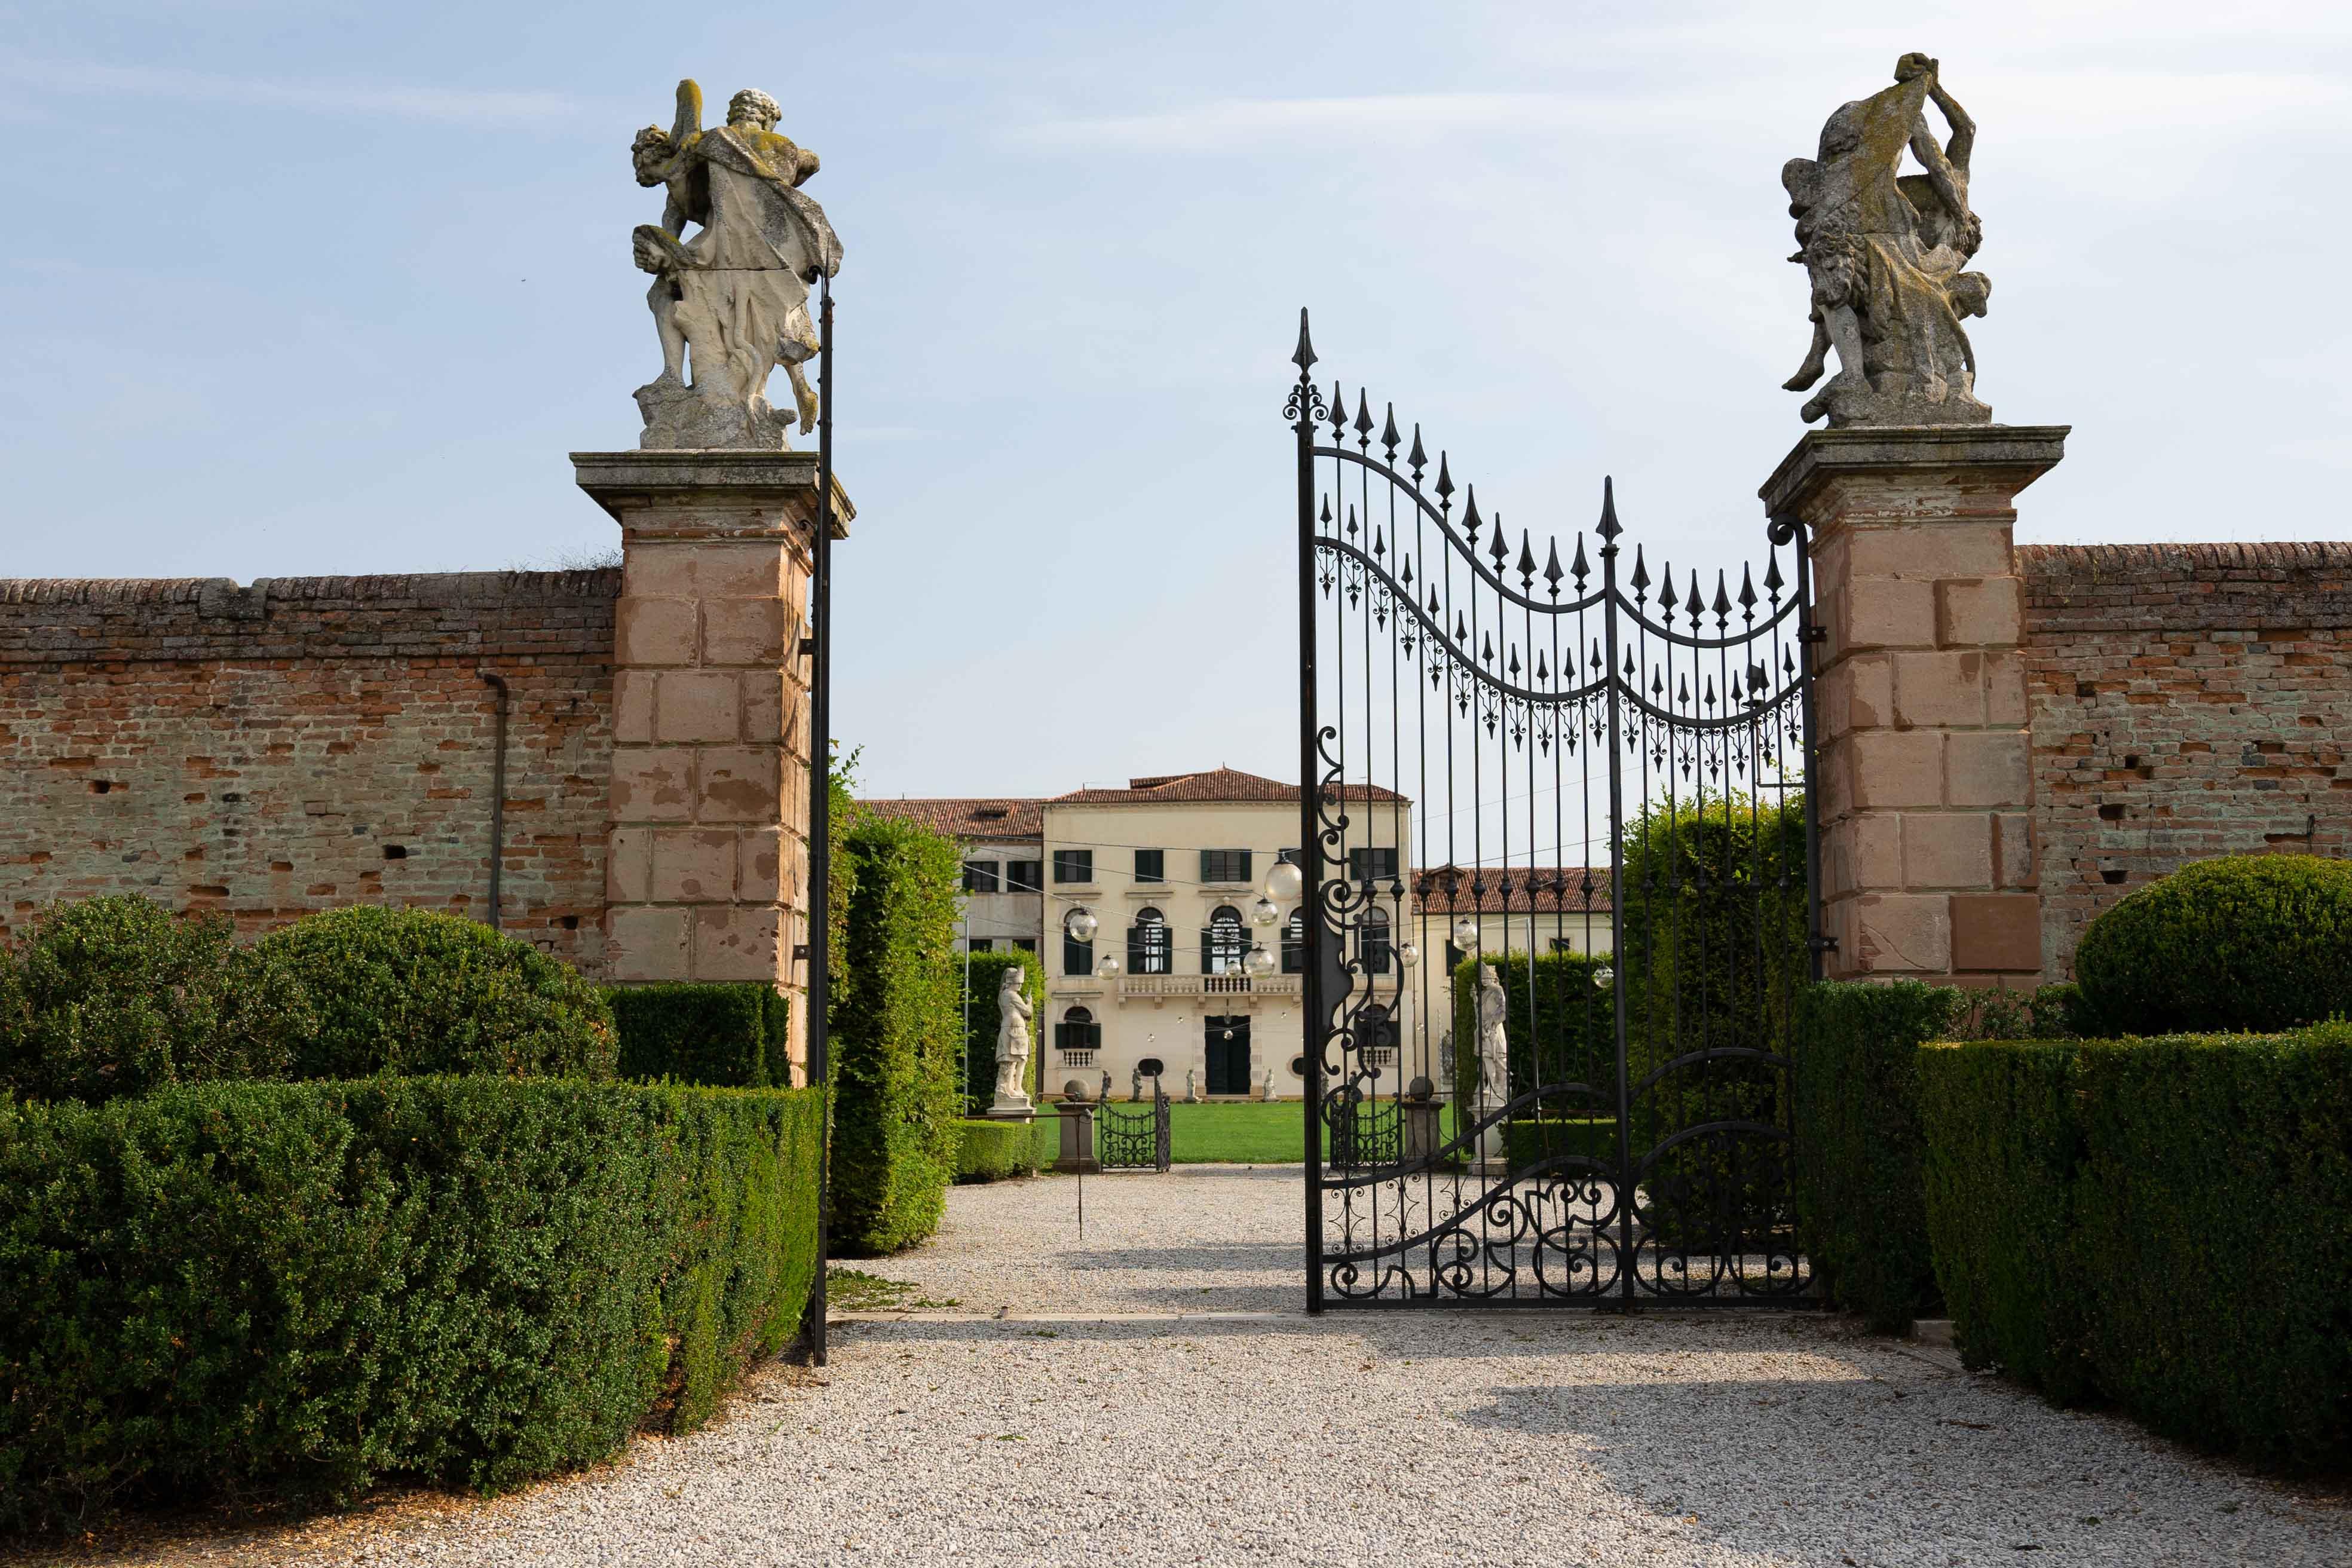 Cancello con entrata nel giardino della Villa Dominio di Bagnoli